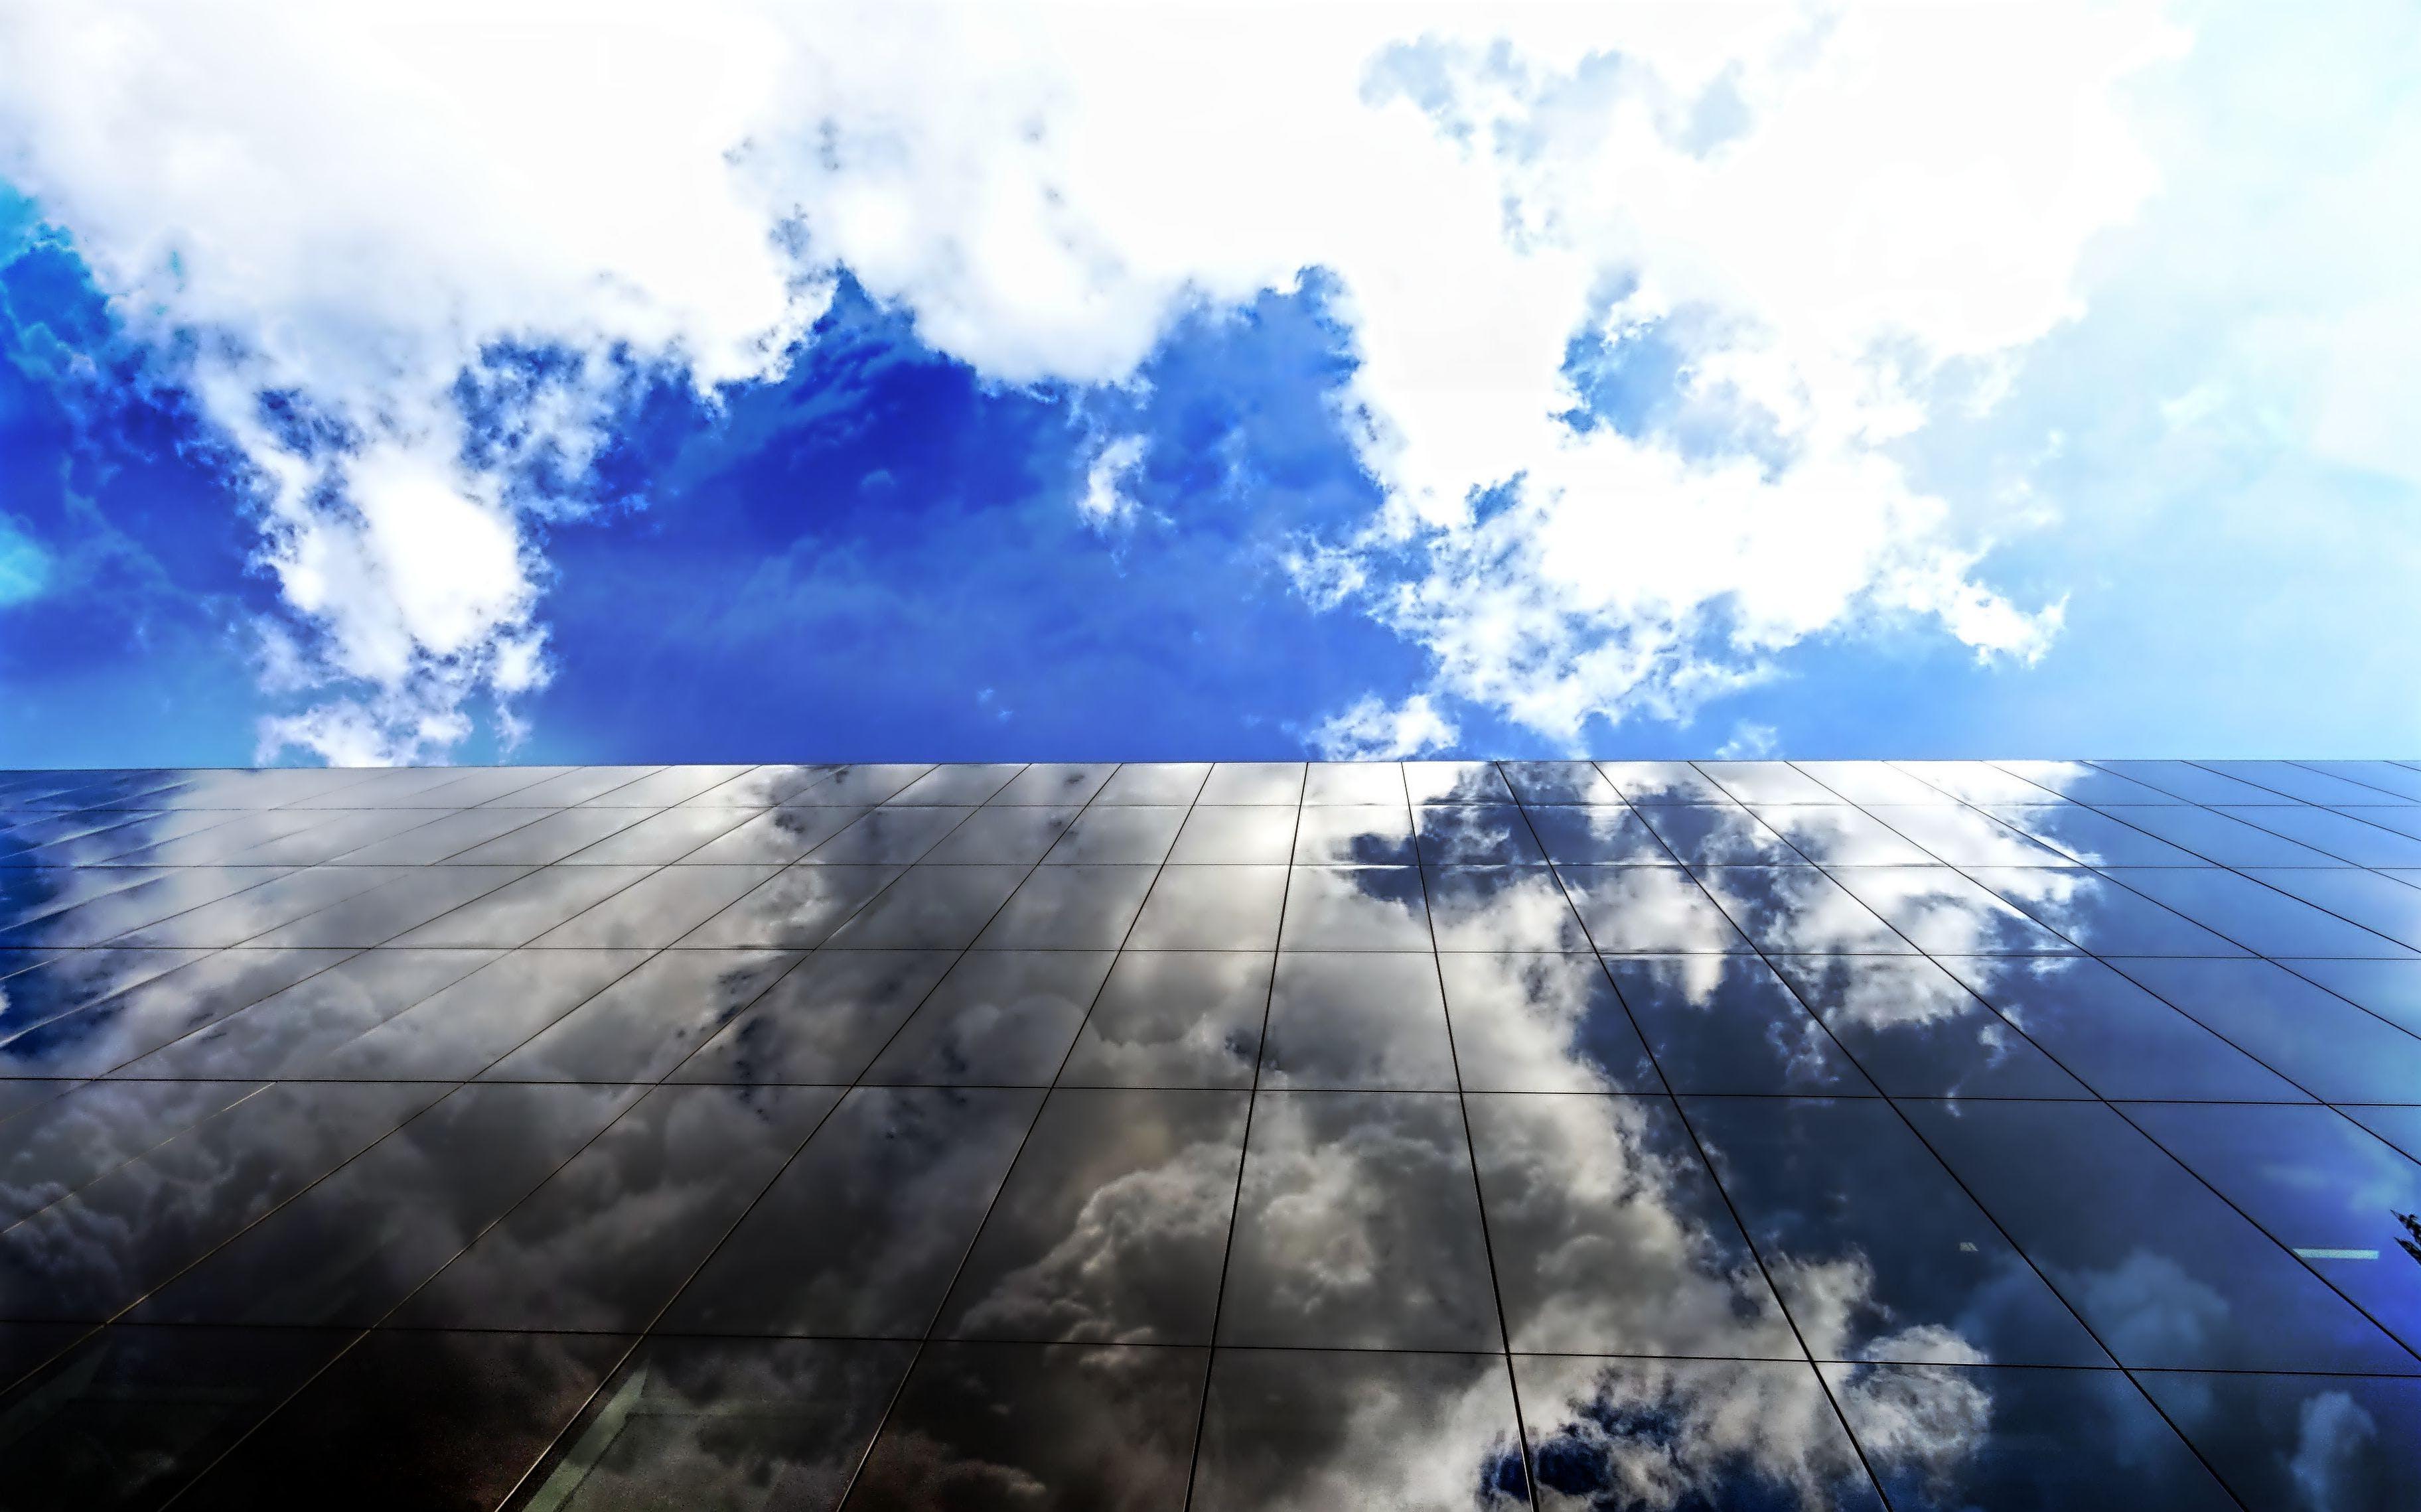 Kostenloses Stock Foto zu glasartikel, glasscheiben, himmel, hoch